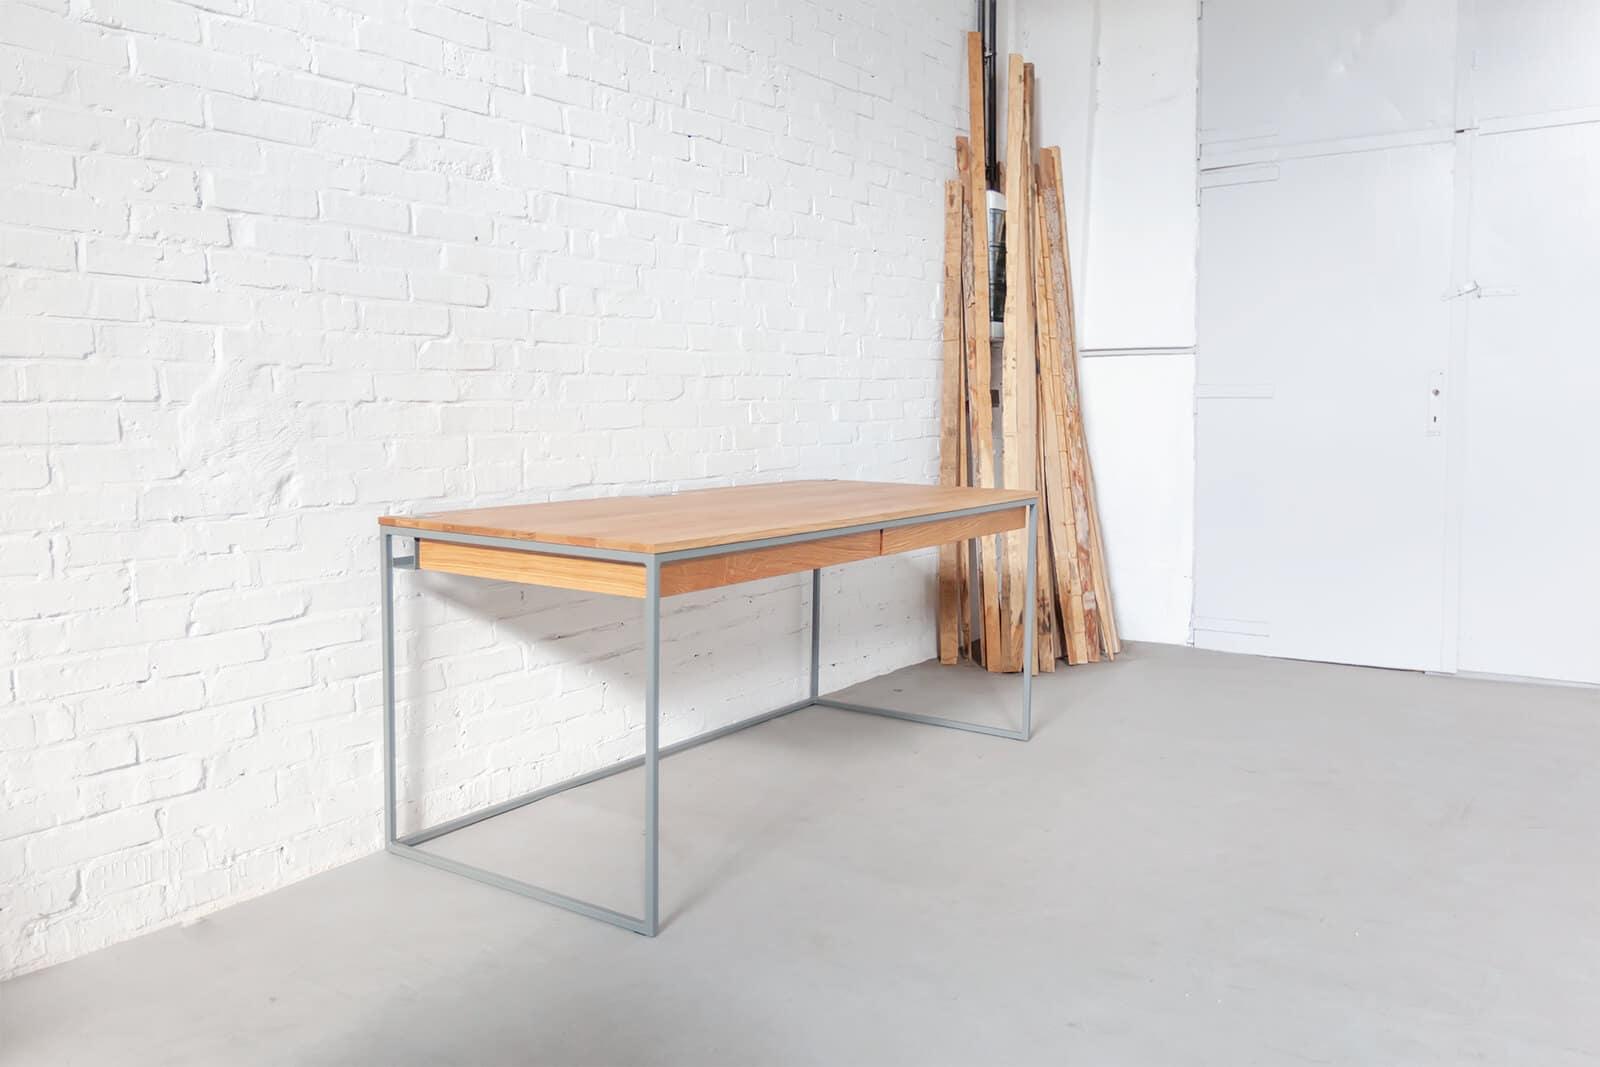 design schreibtisch 114 aus massivholz und stahl n51e12 design manufacture